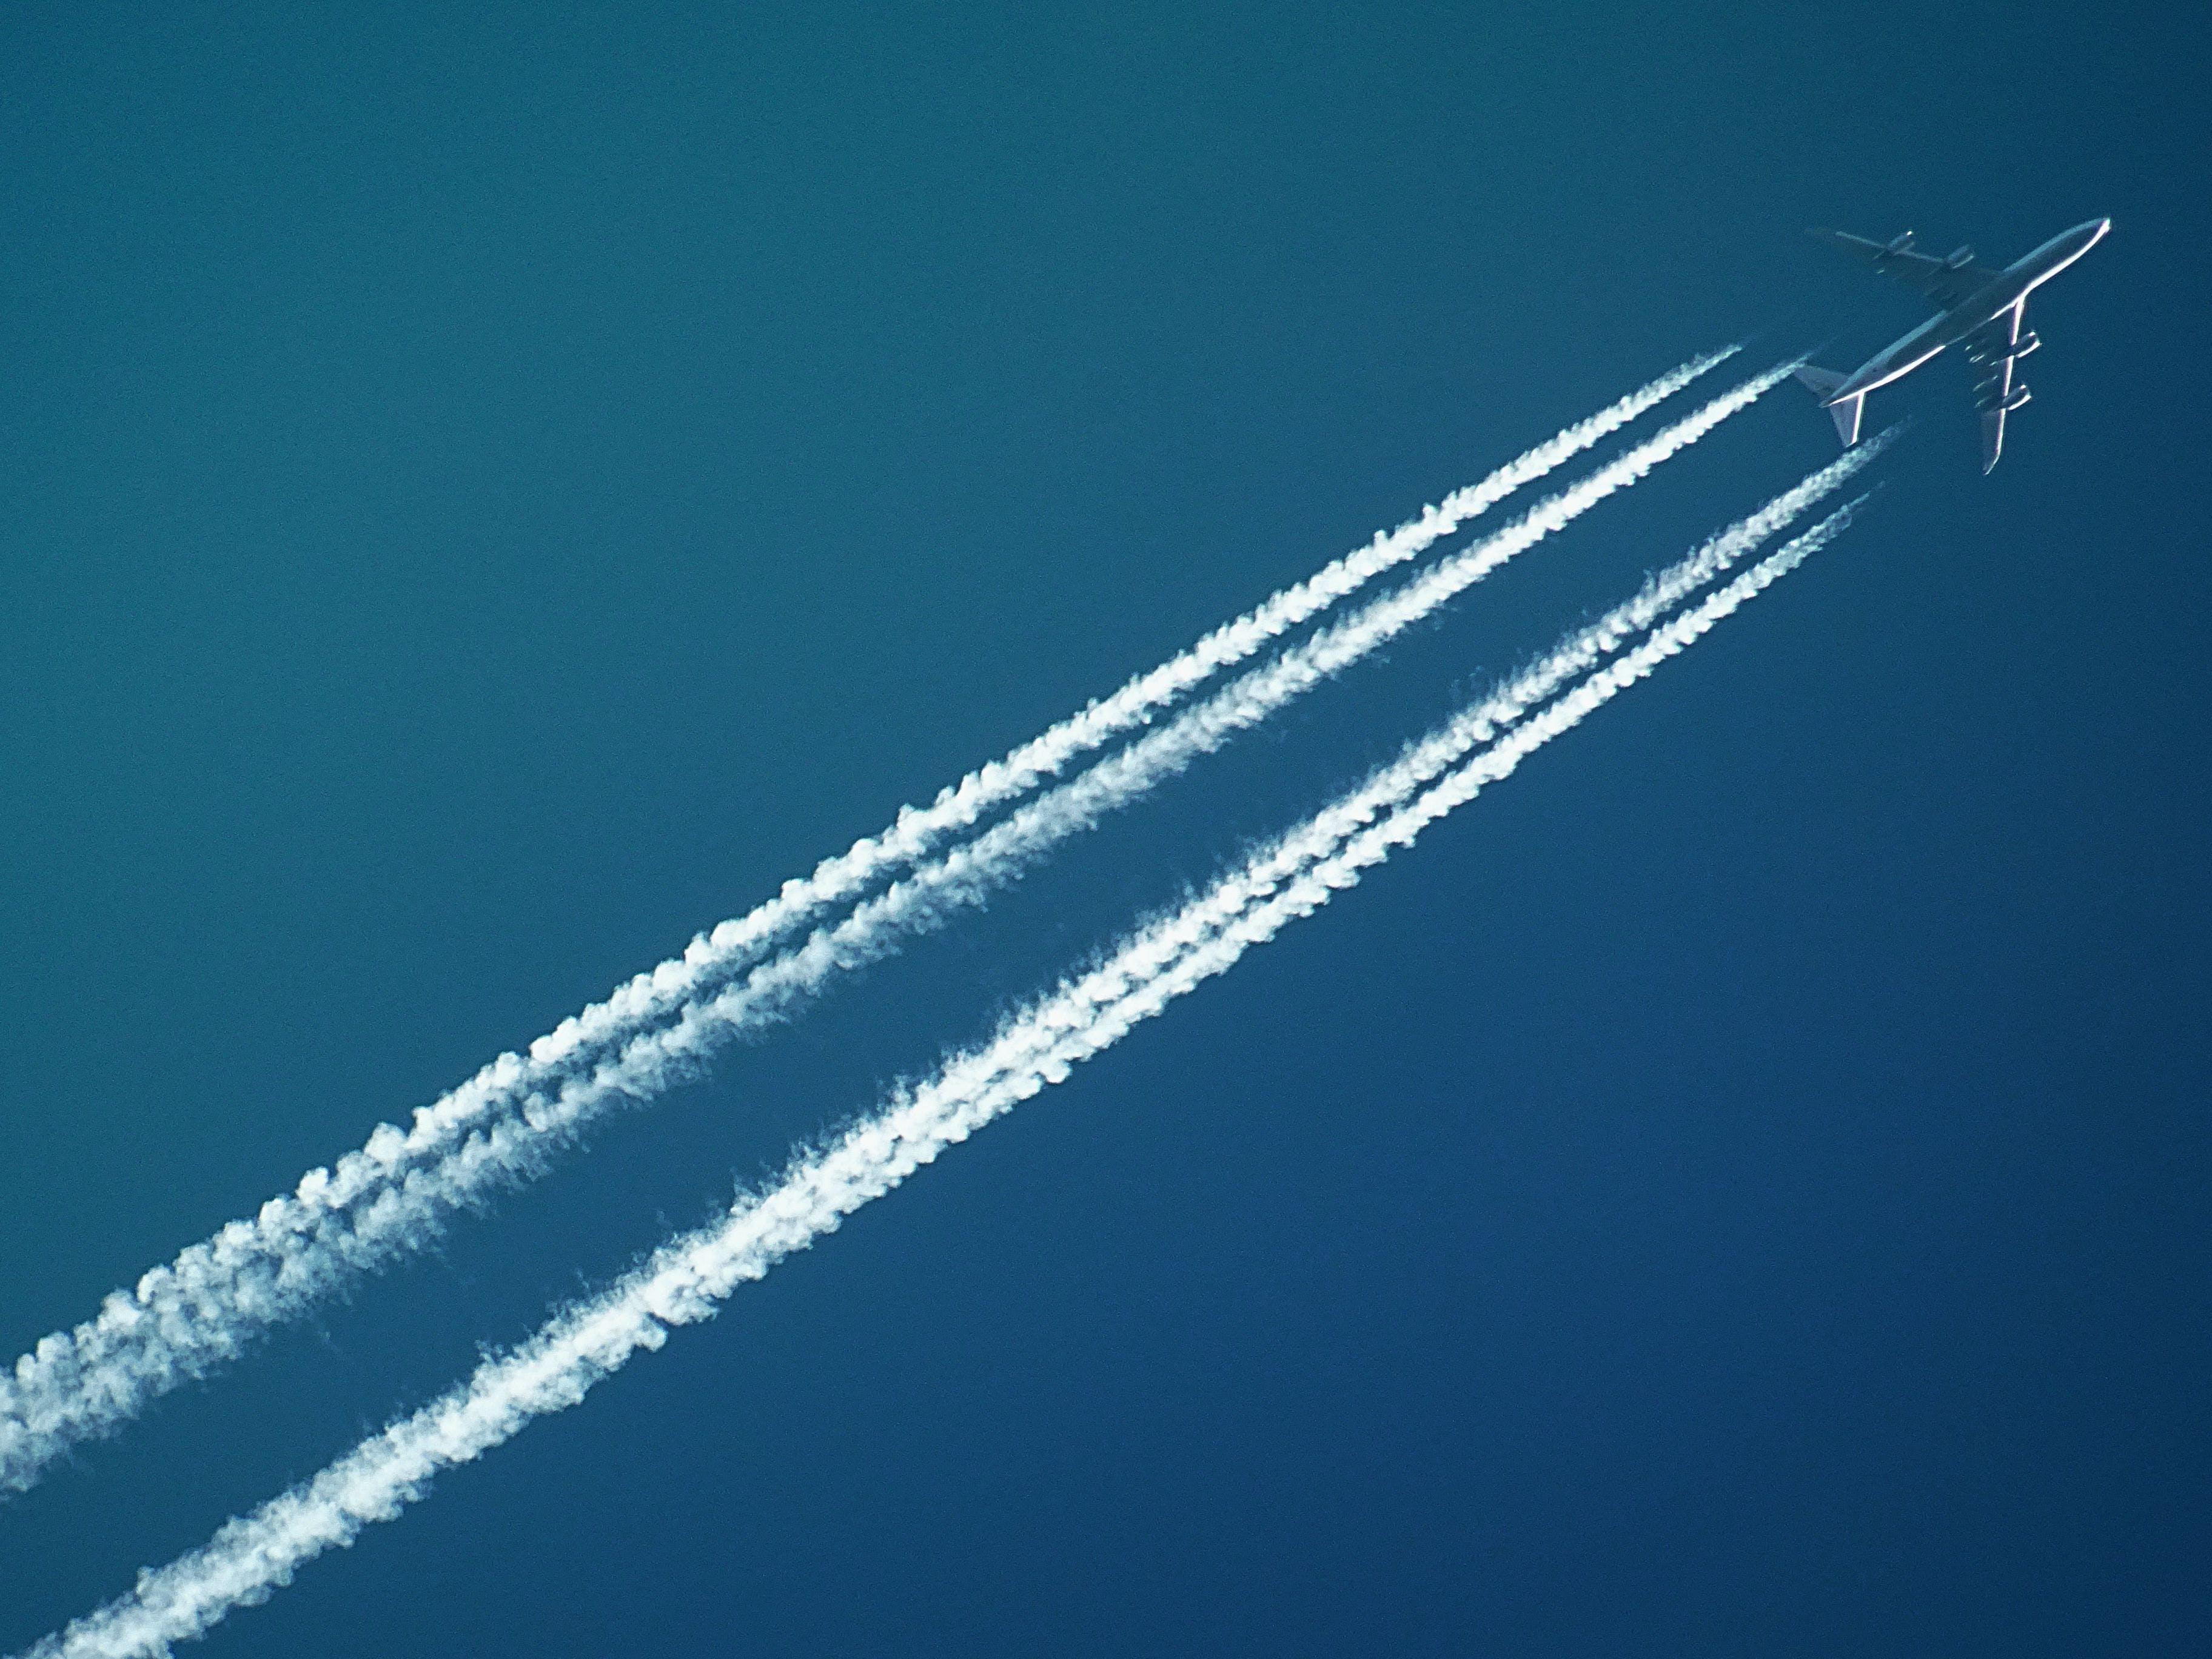 White Airplane · Free Stock Photo